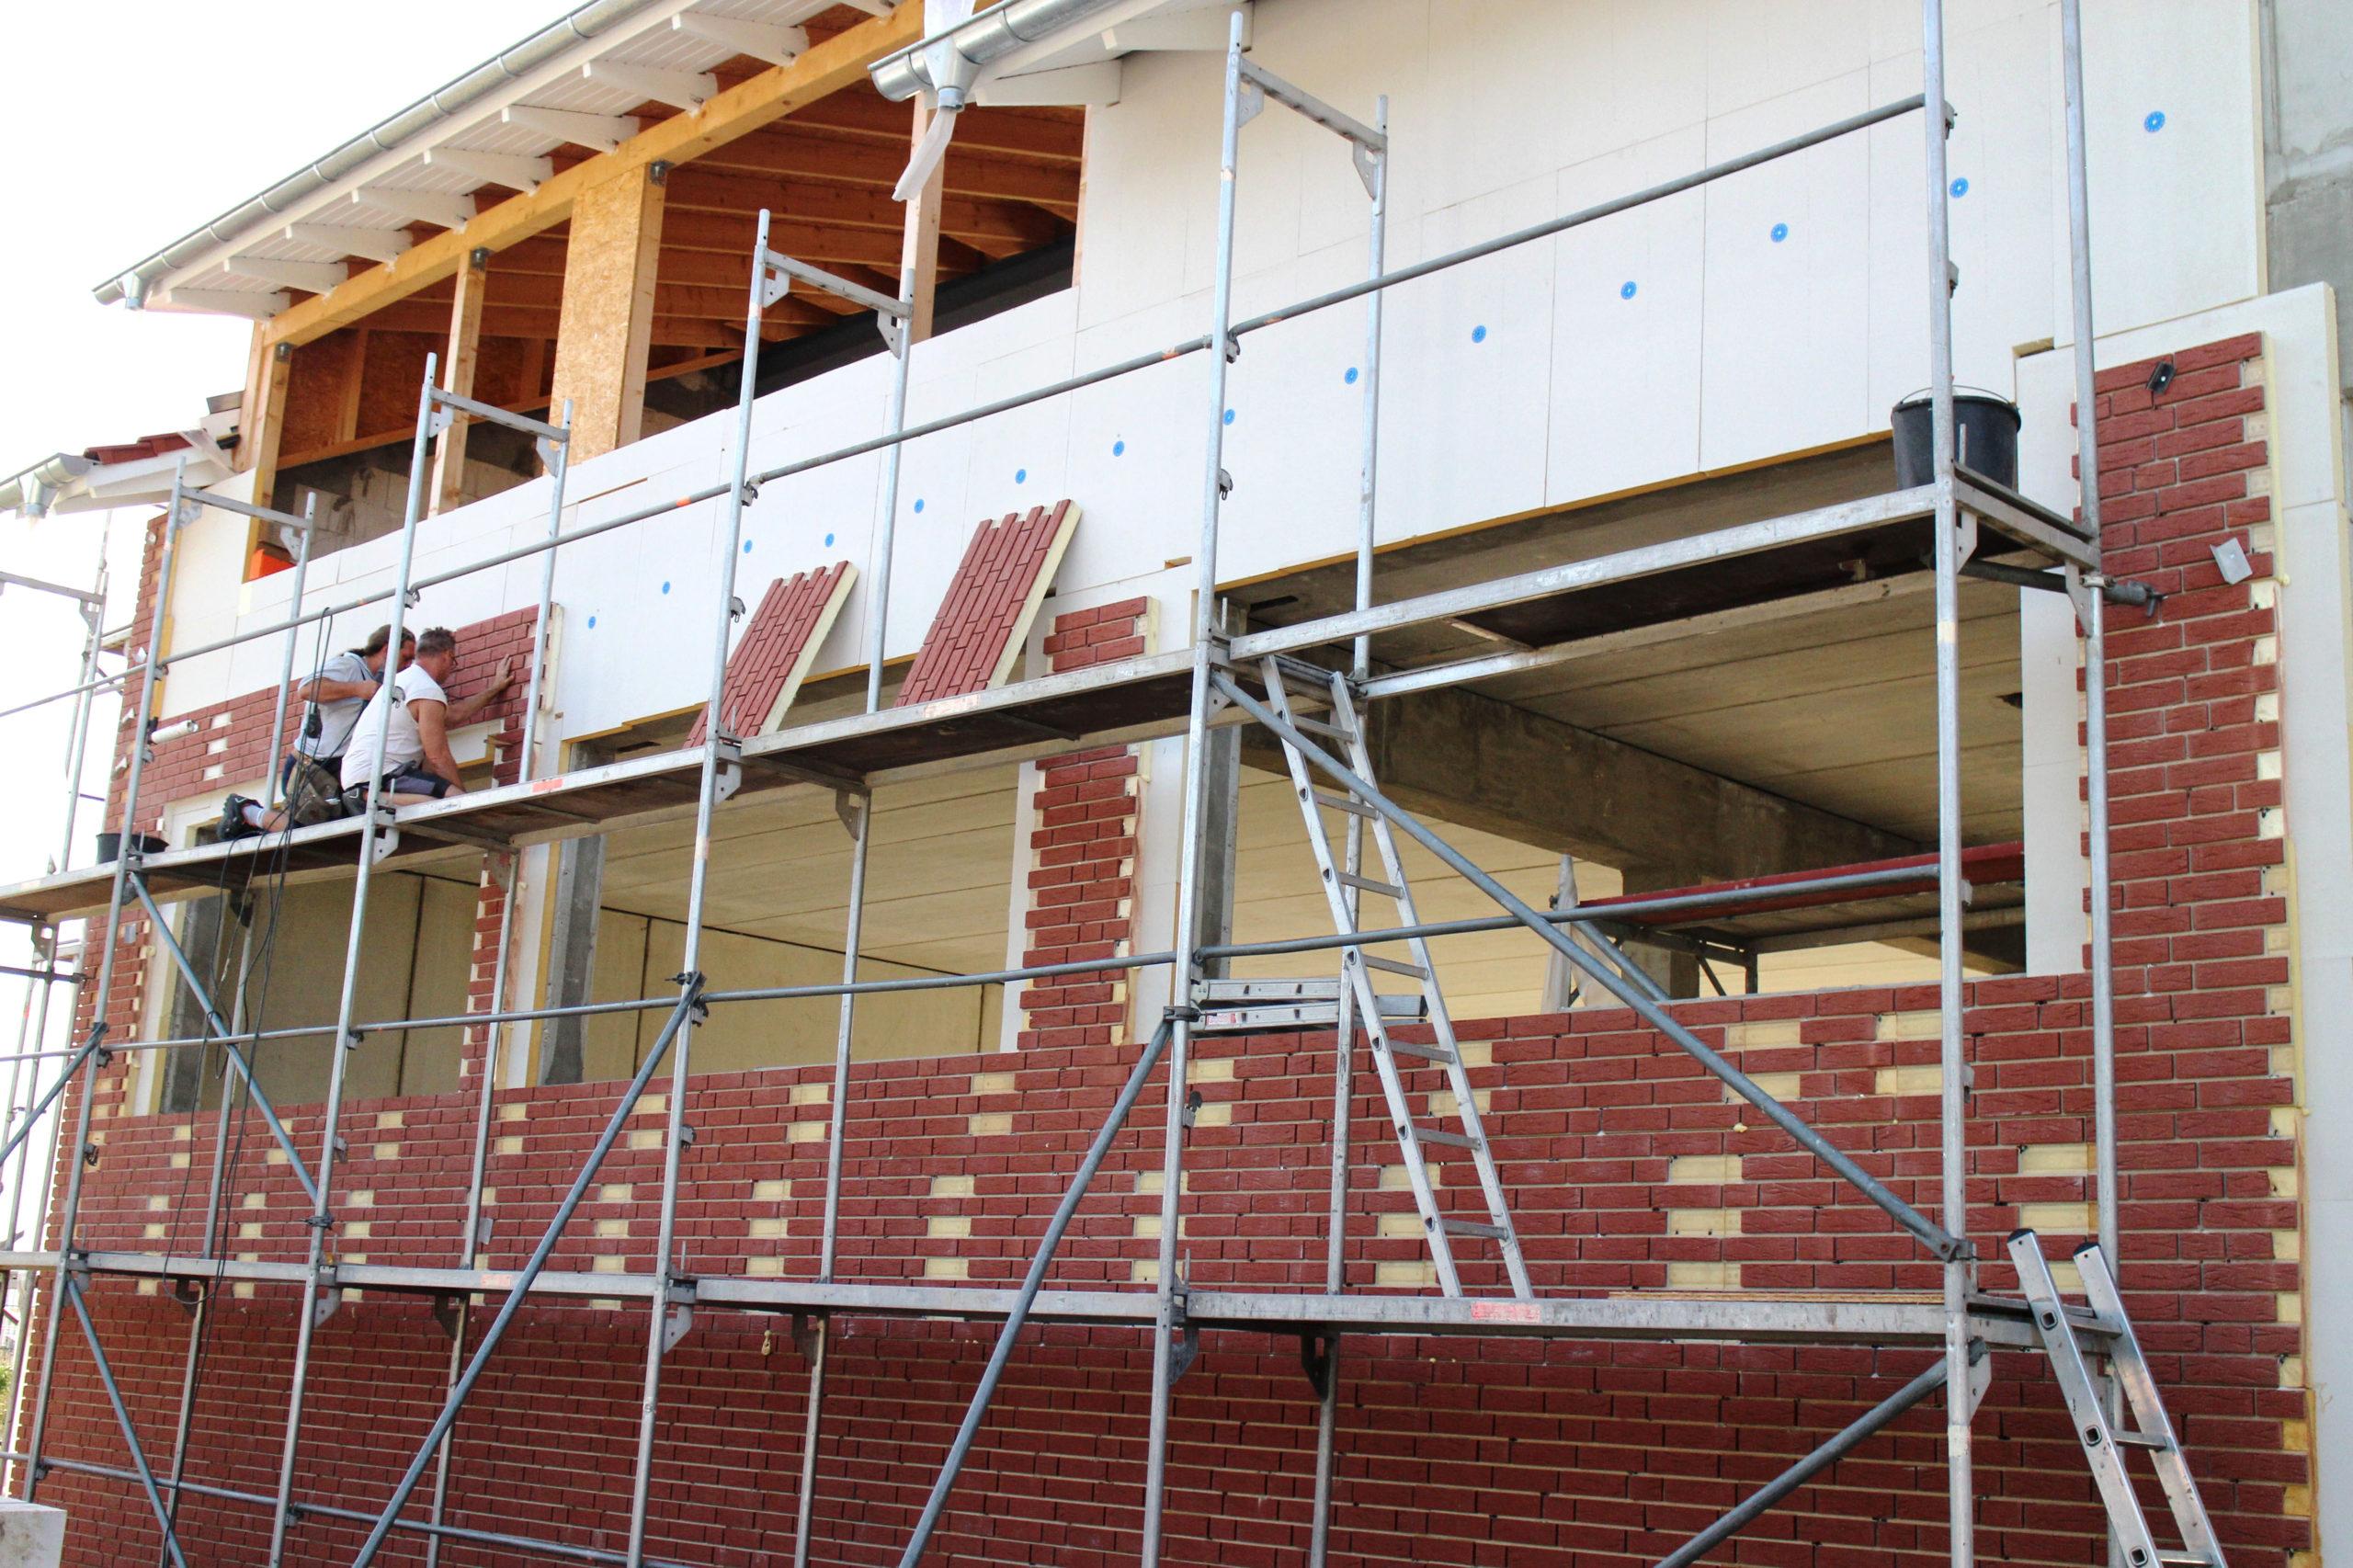 Vorgefertigte Klinkerelemente für die Fassade